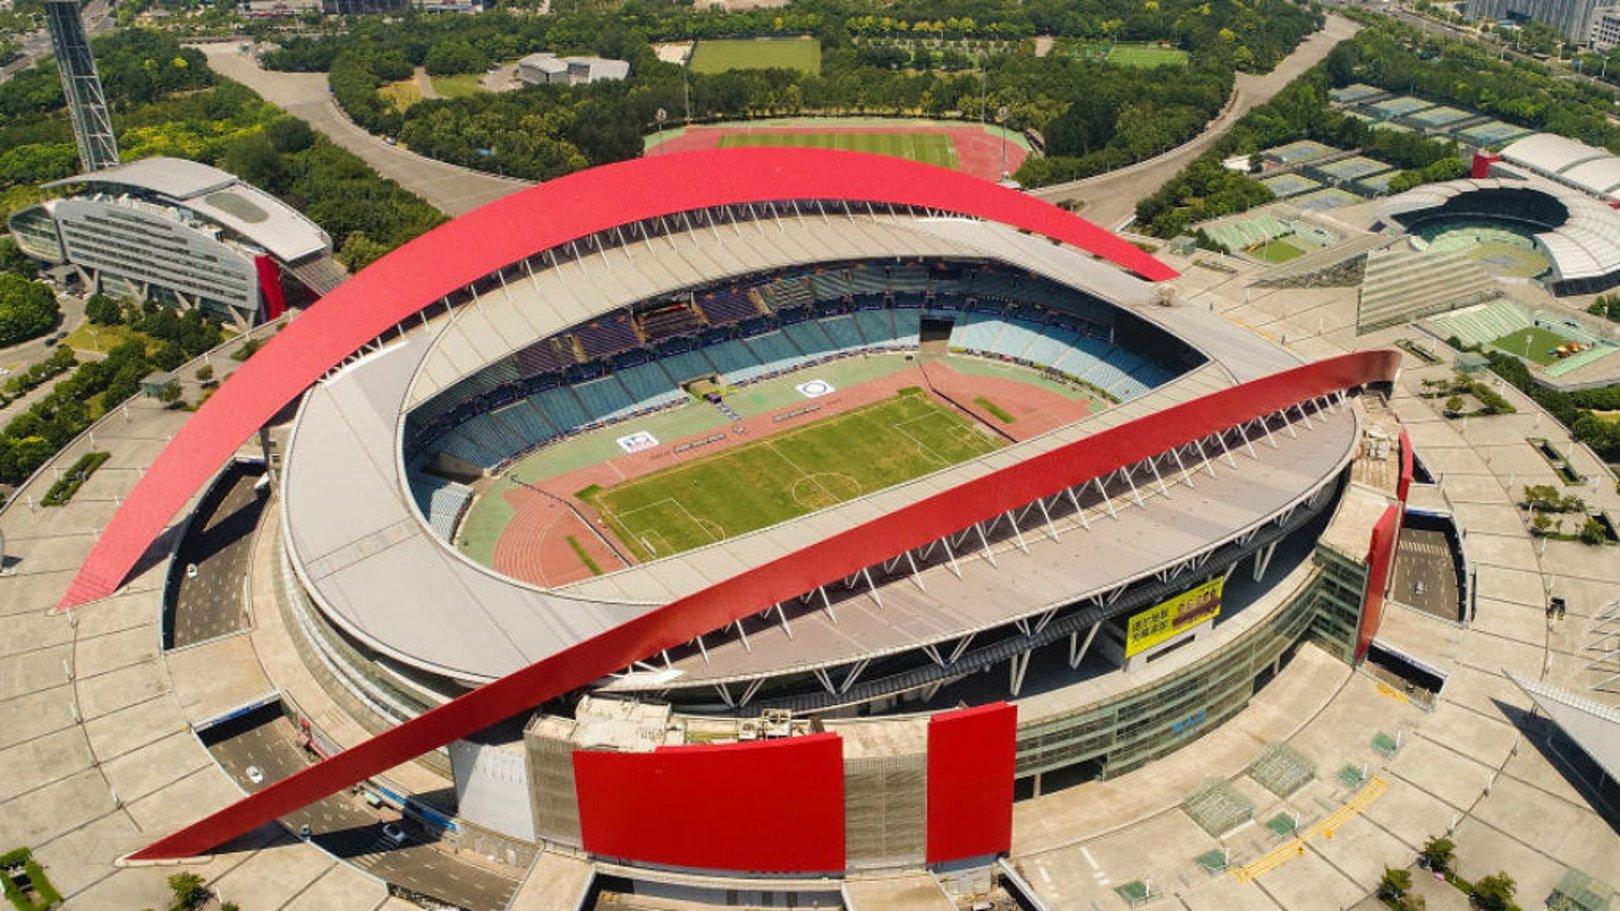 Asia Tour: City v West Ham supporter info